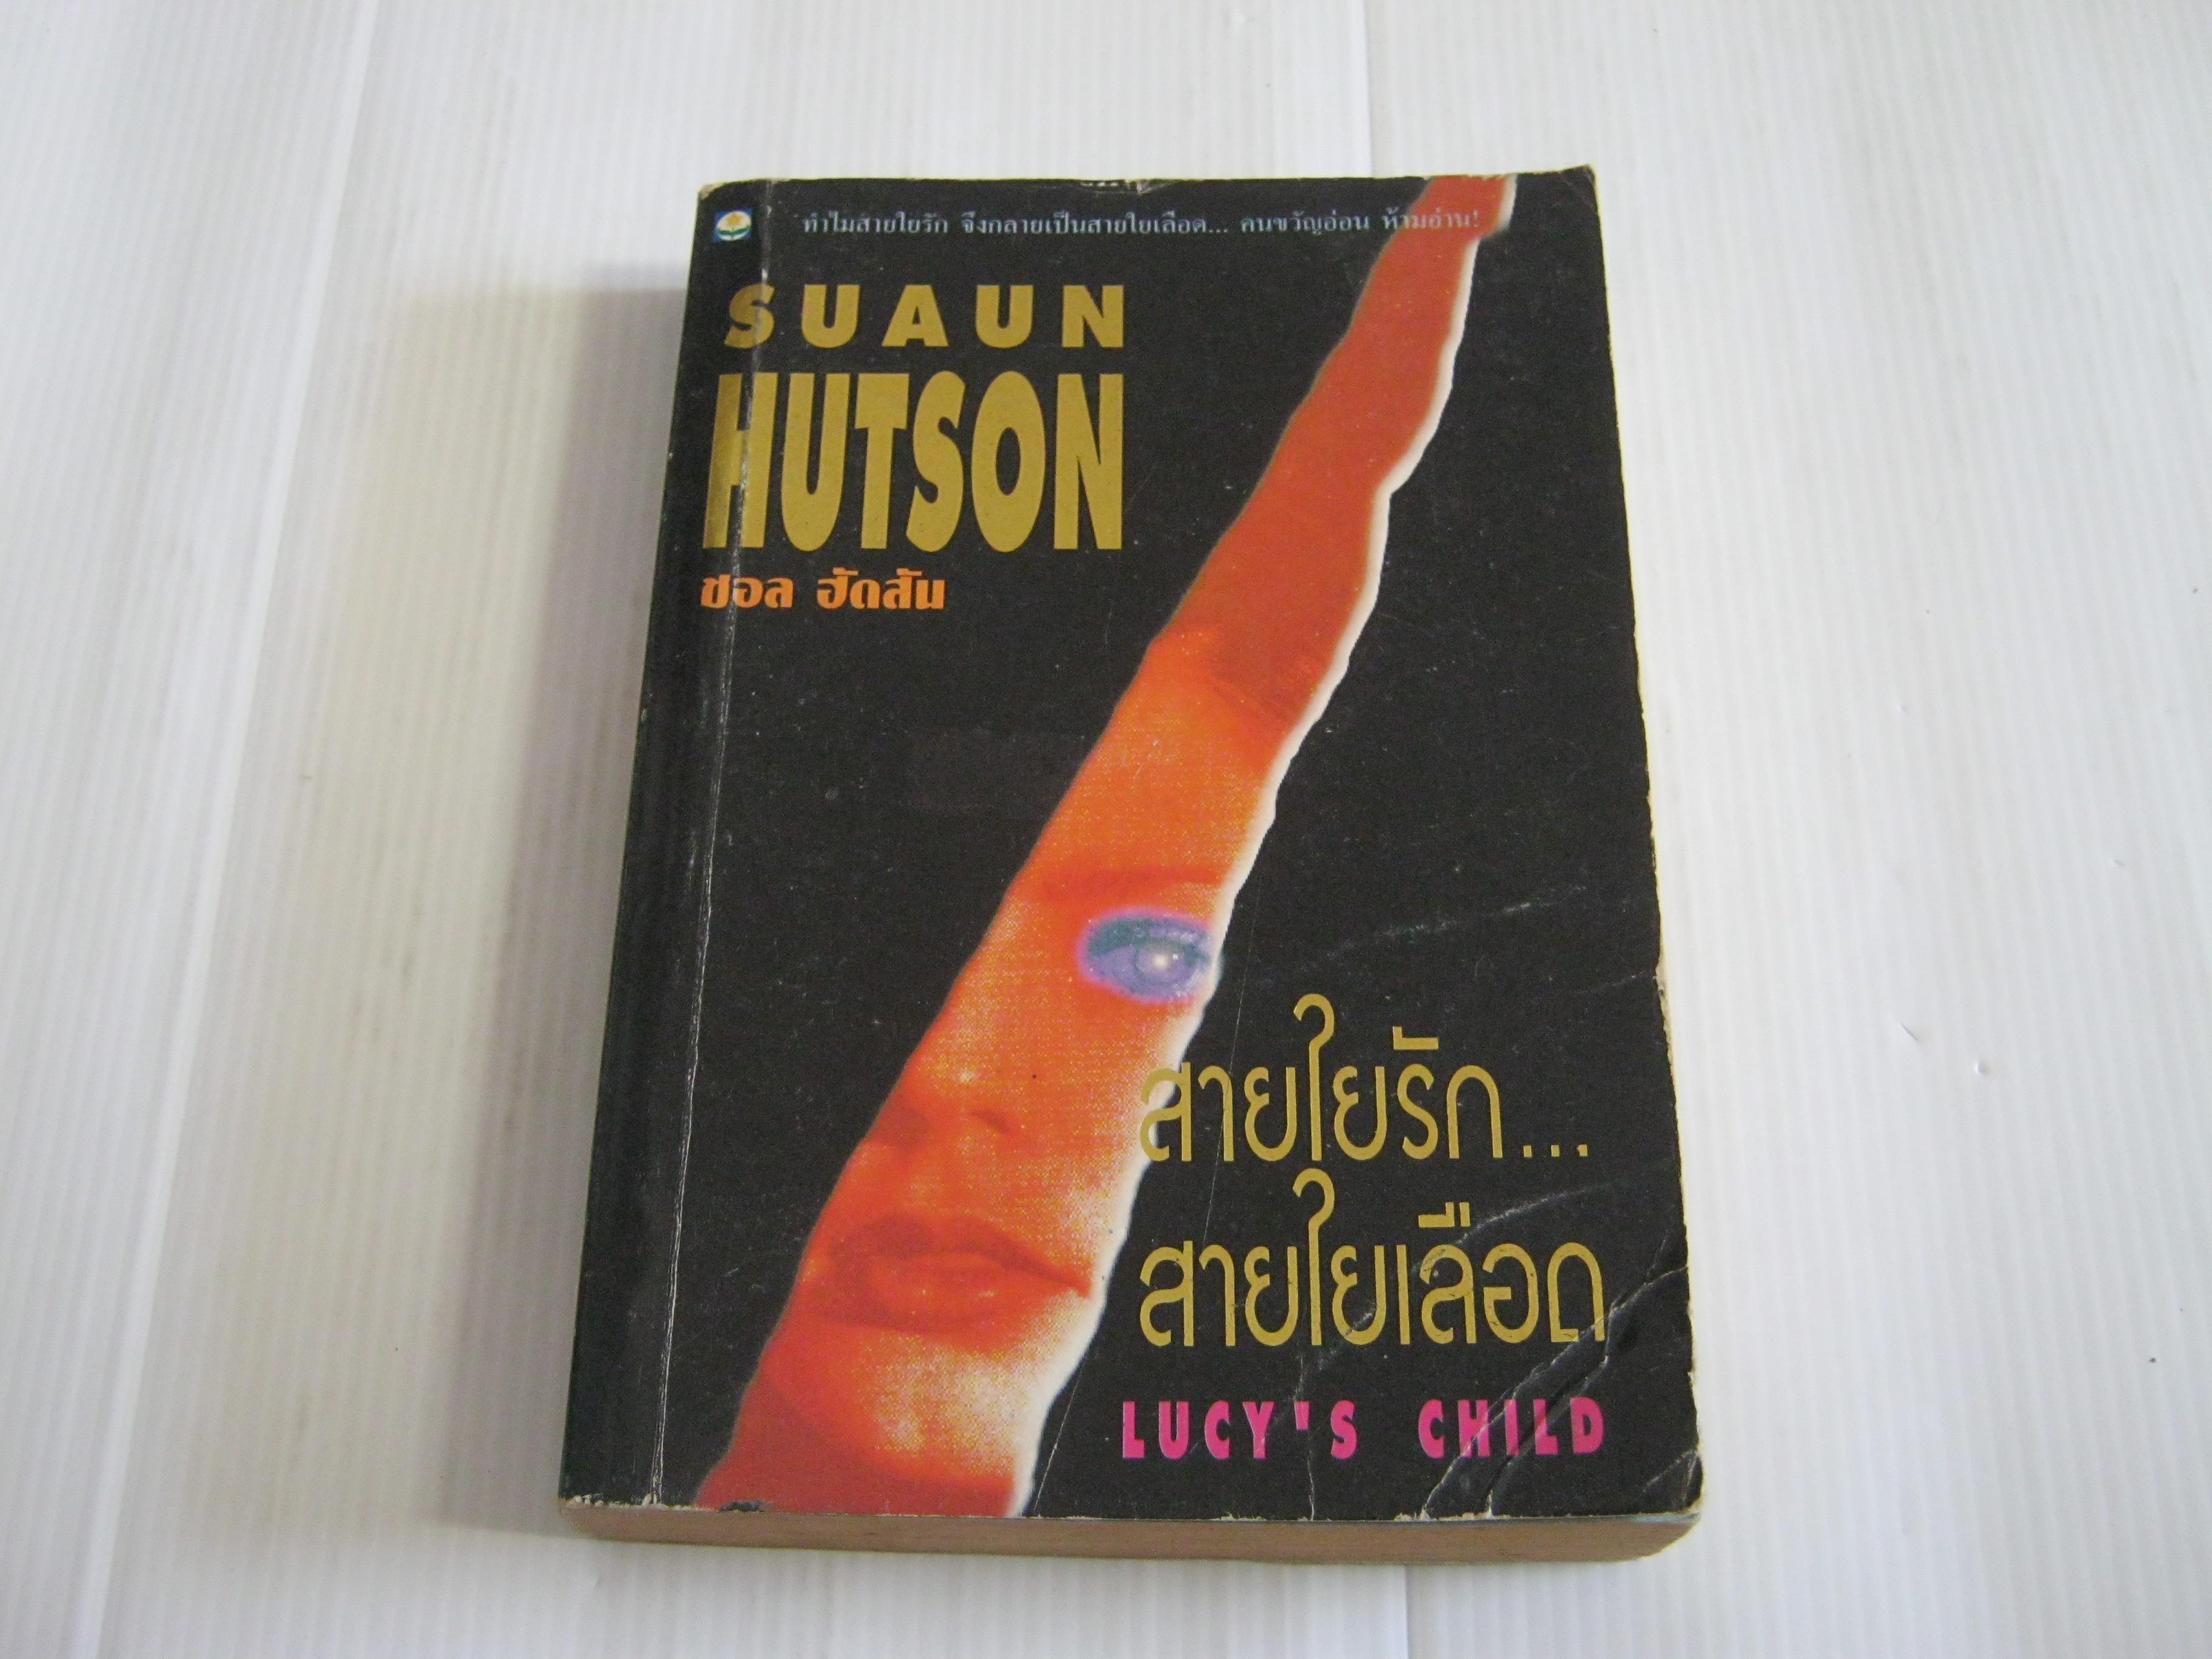 สายใยรัก... สายใยเลือด (Lucy's Child) Suaun Hutson เขียน วรรธนา วงษ์ฉัตร แปล